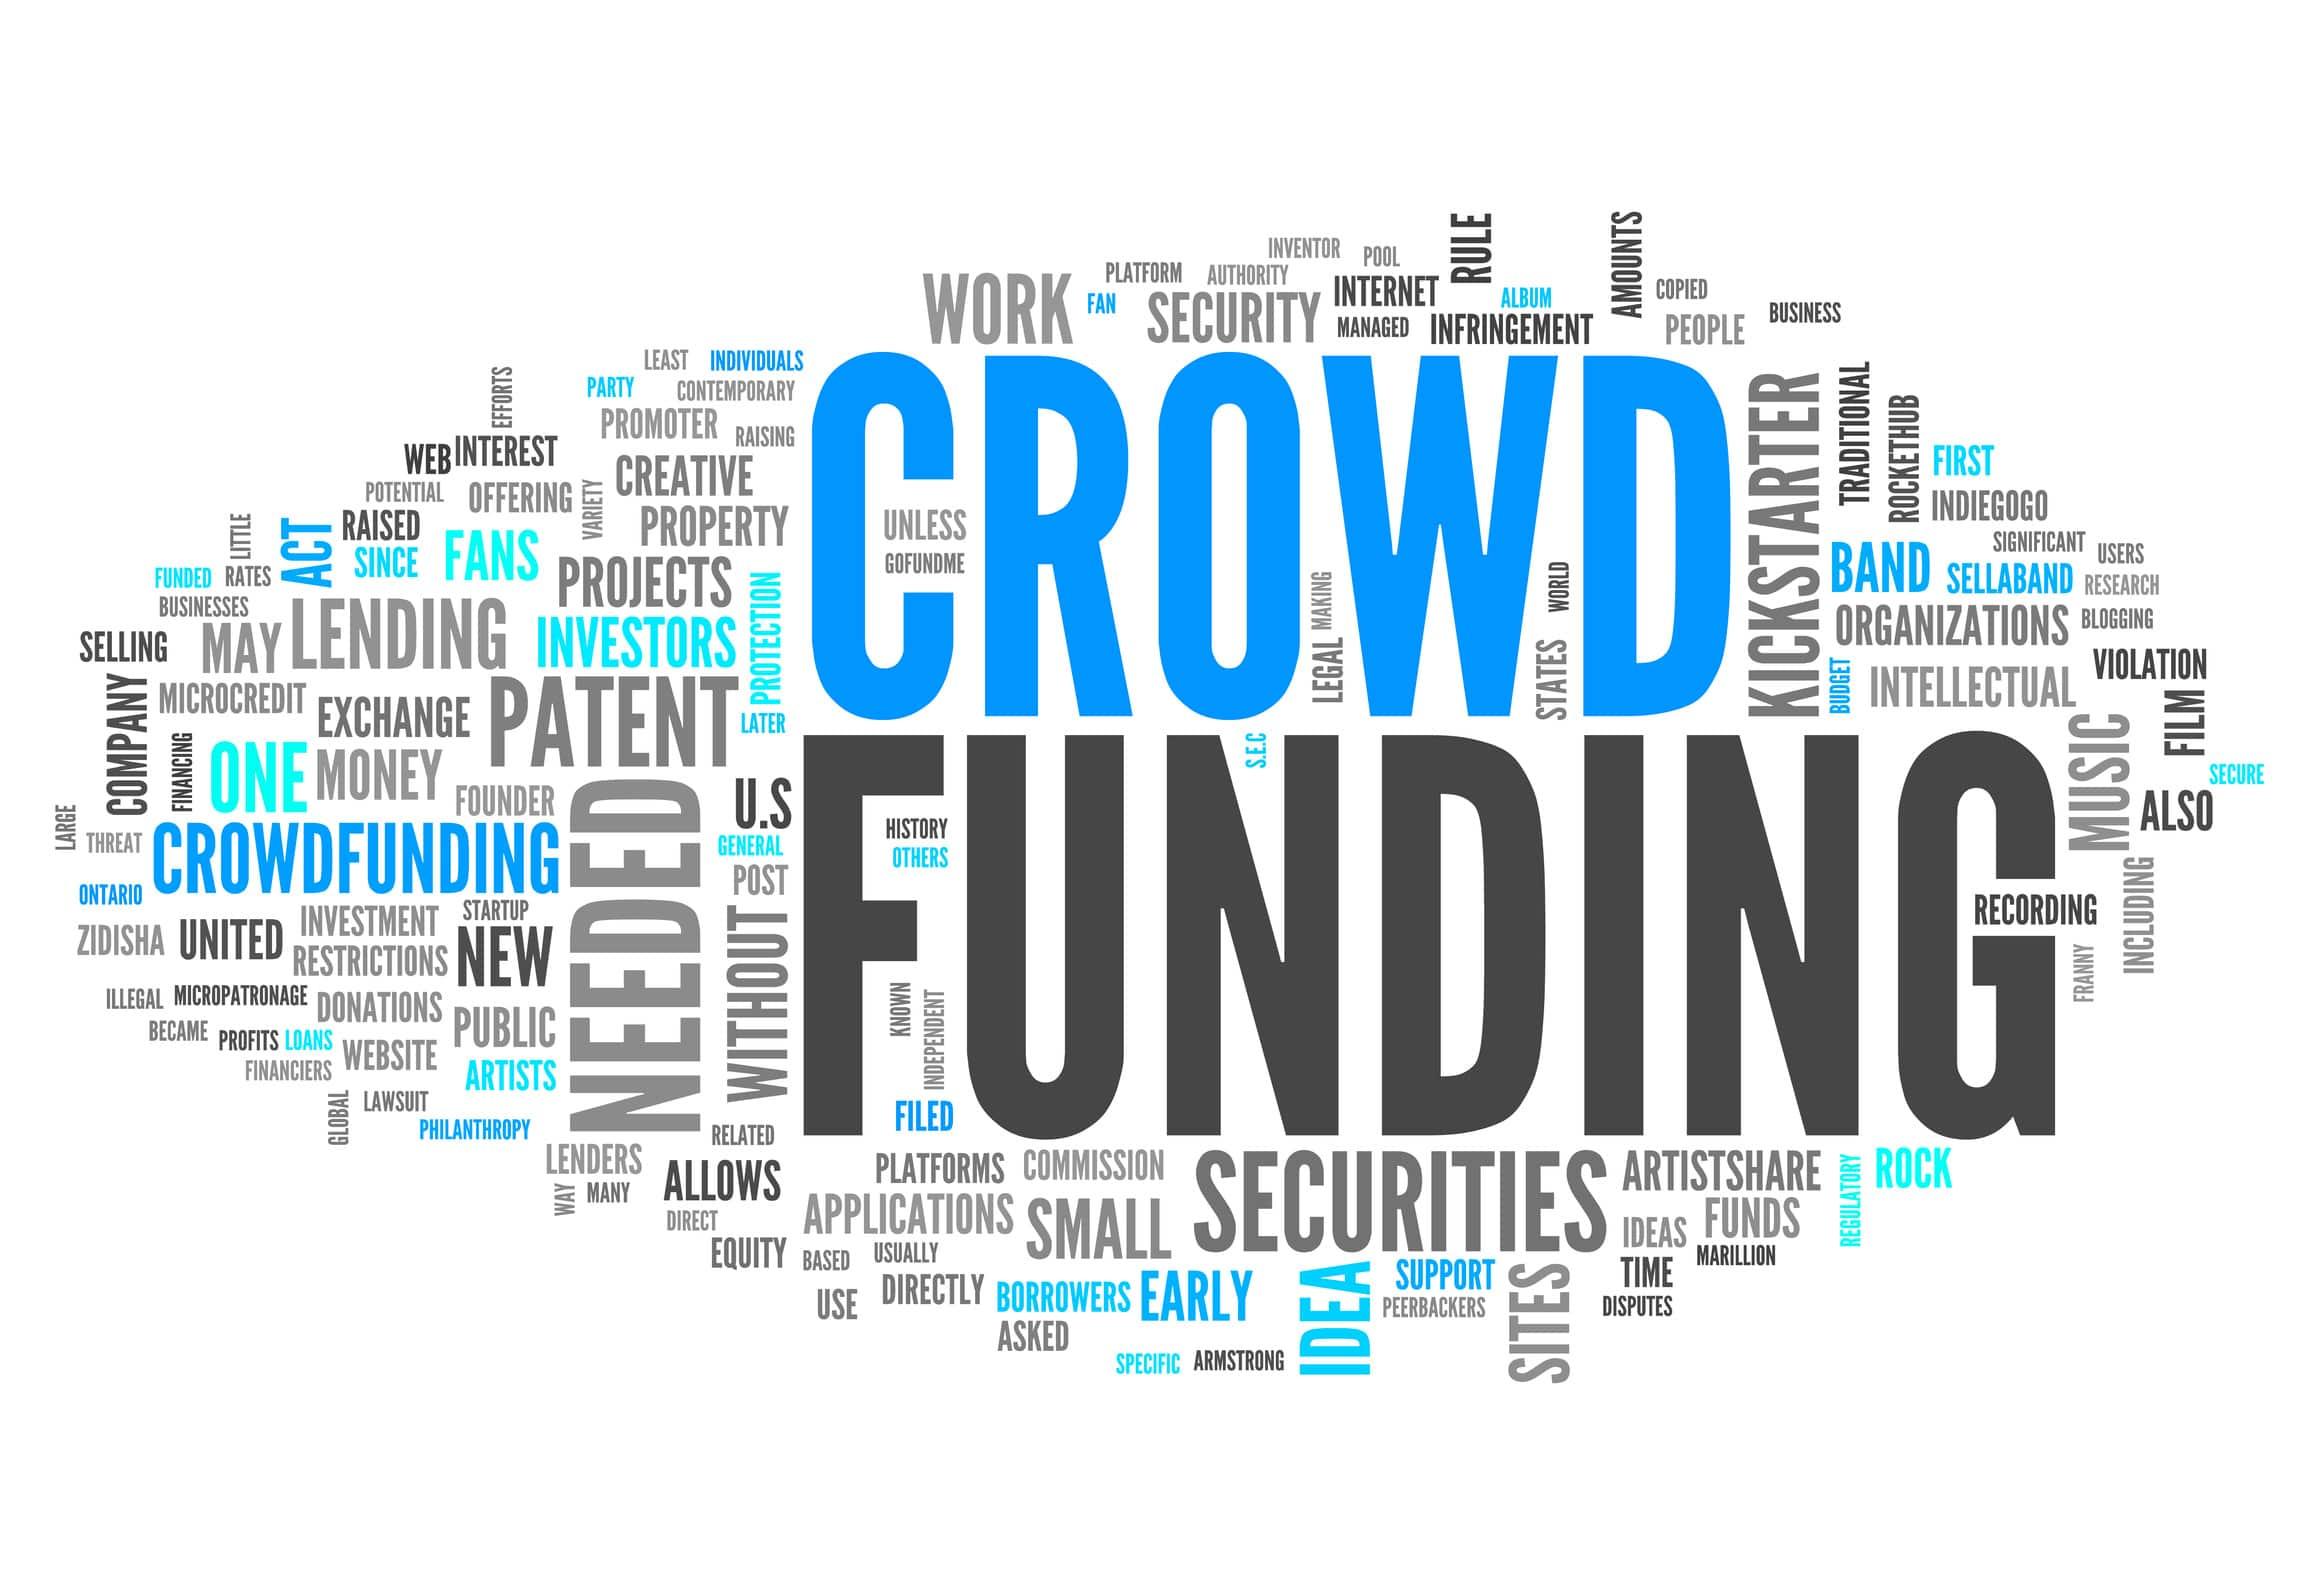 Le crowdfunding r colte des fonds par le financement participatif - Qu est ce que le crowdfunding ...